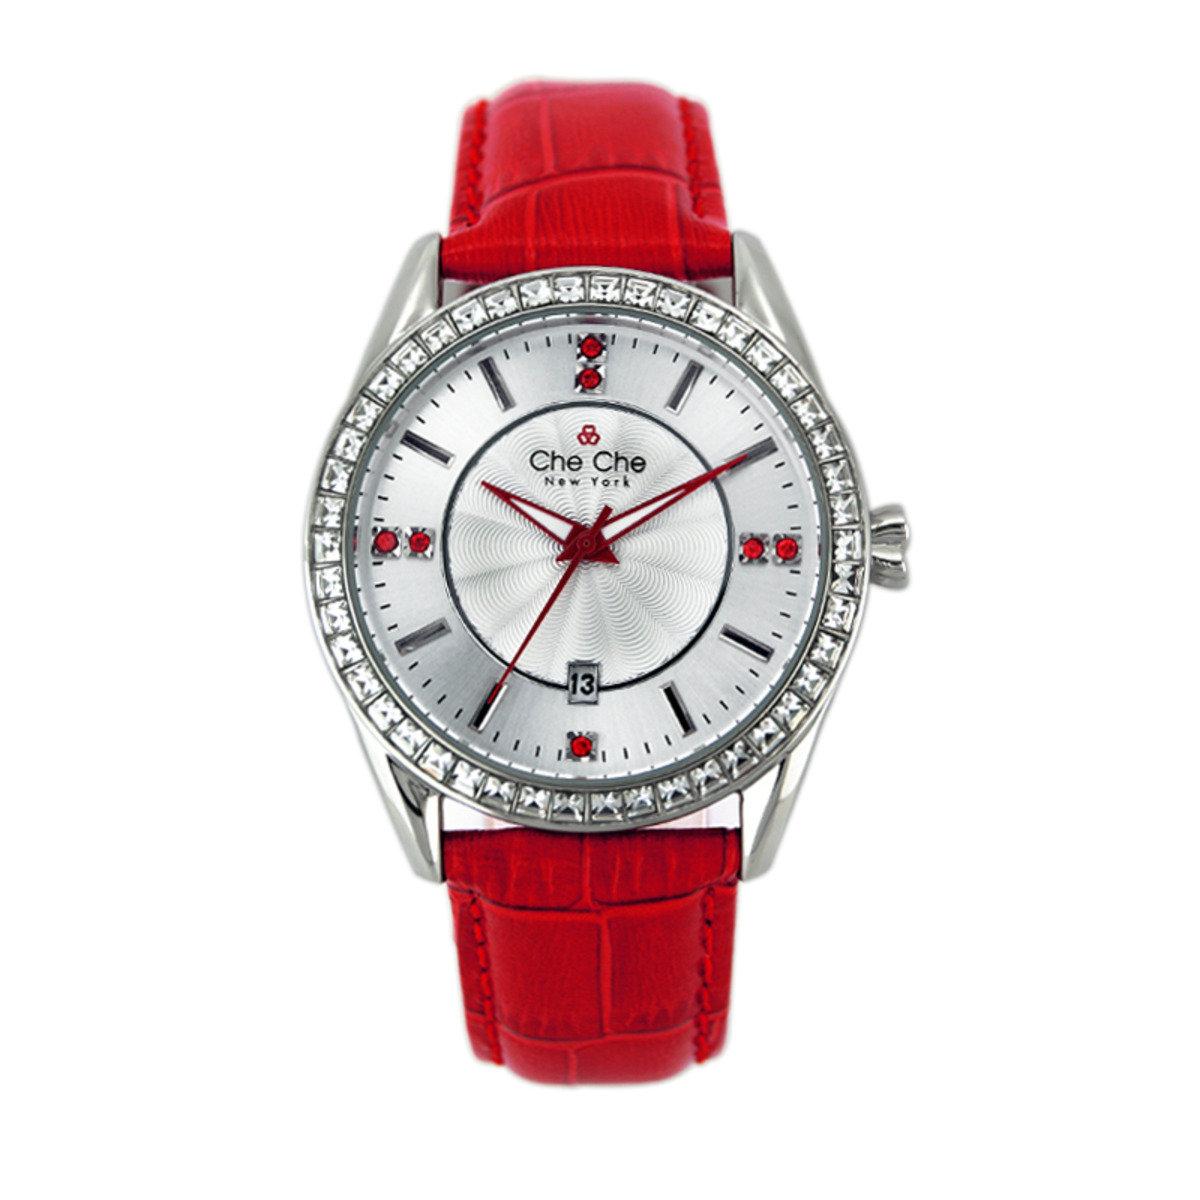 別緻閃鑽皮帶手腕錶